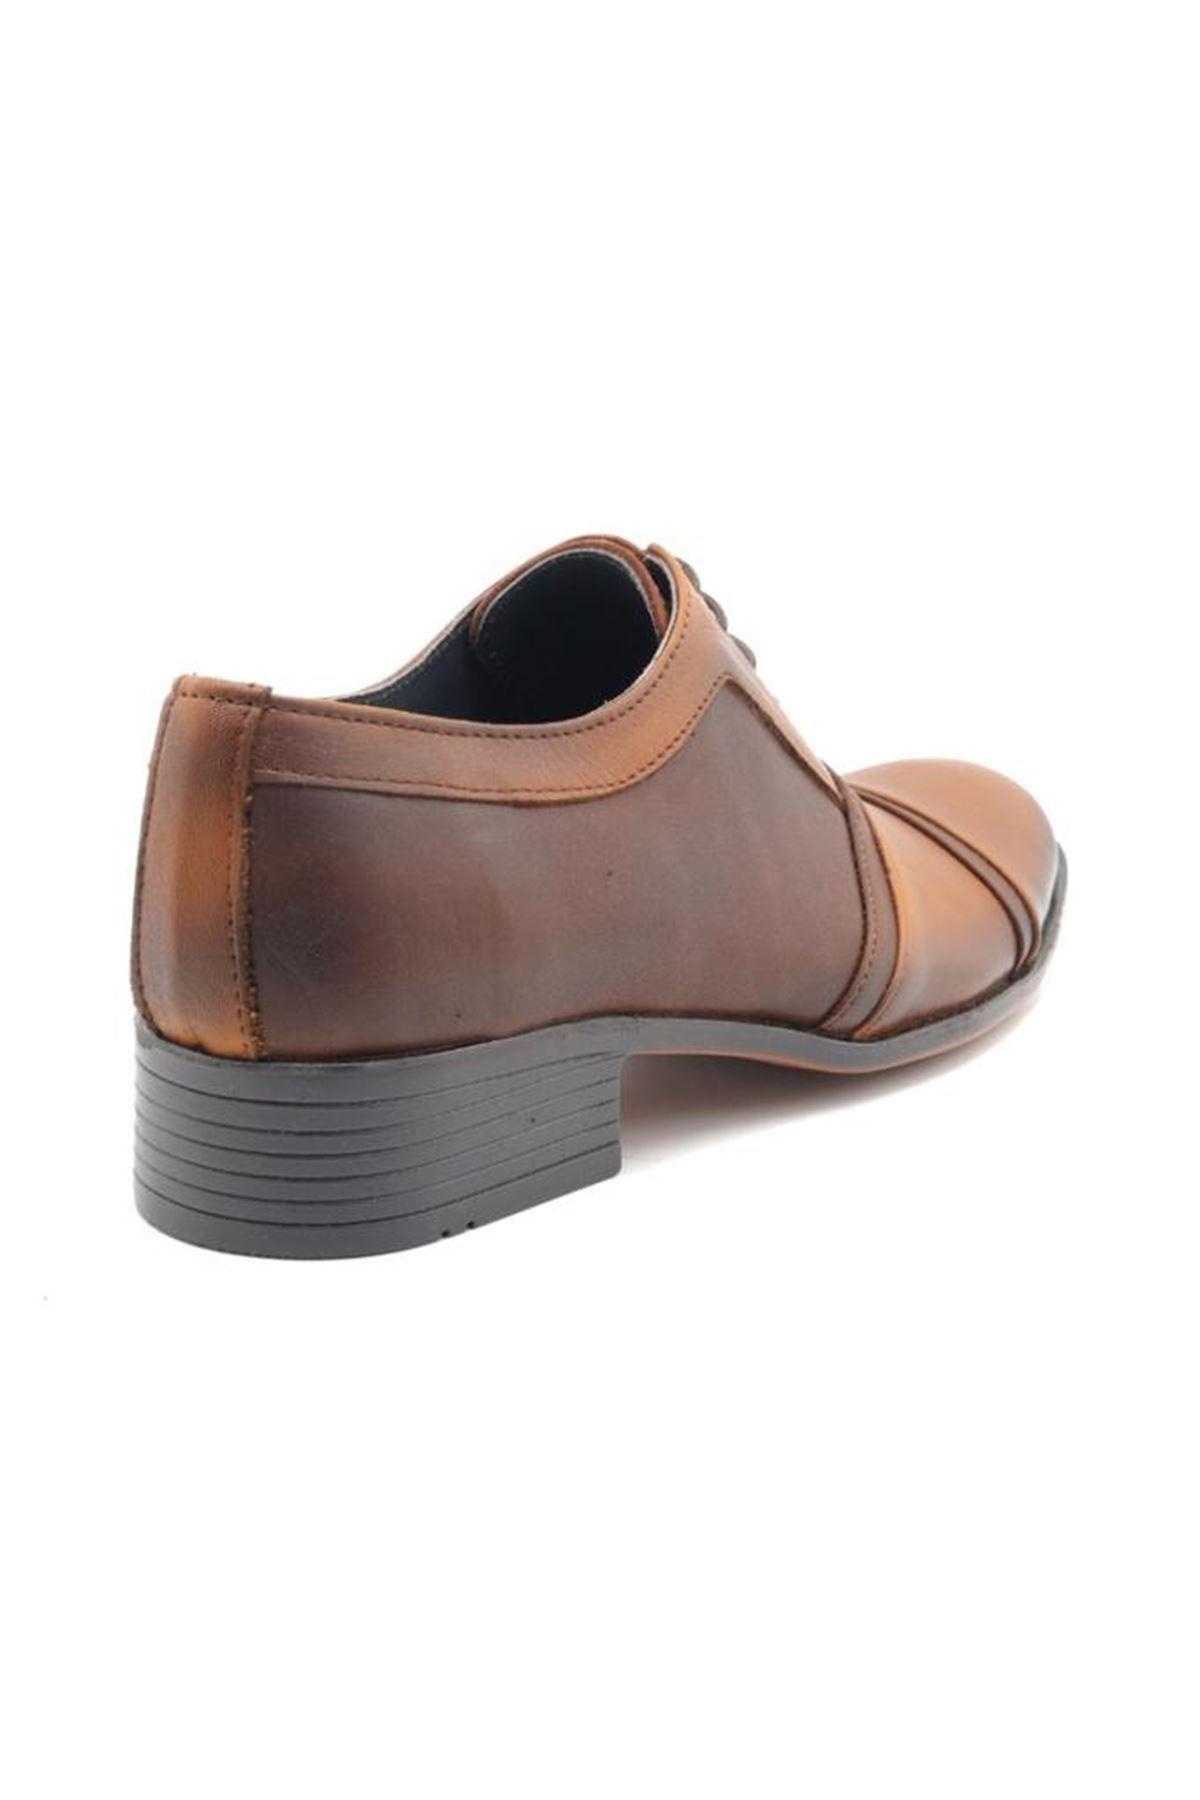 Özel Üretim Küçük Numara Erkek Klasik Ayakkabı